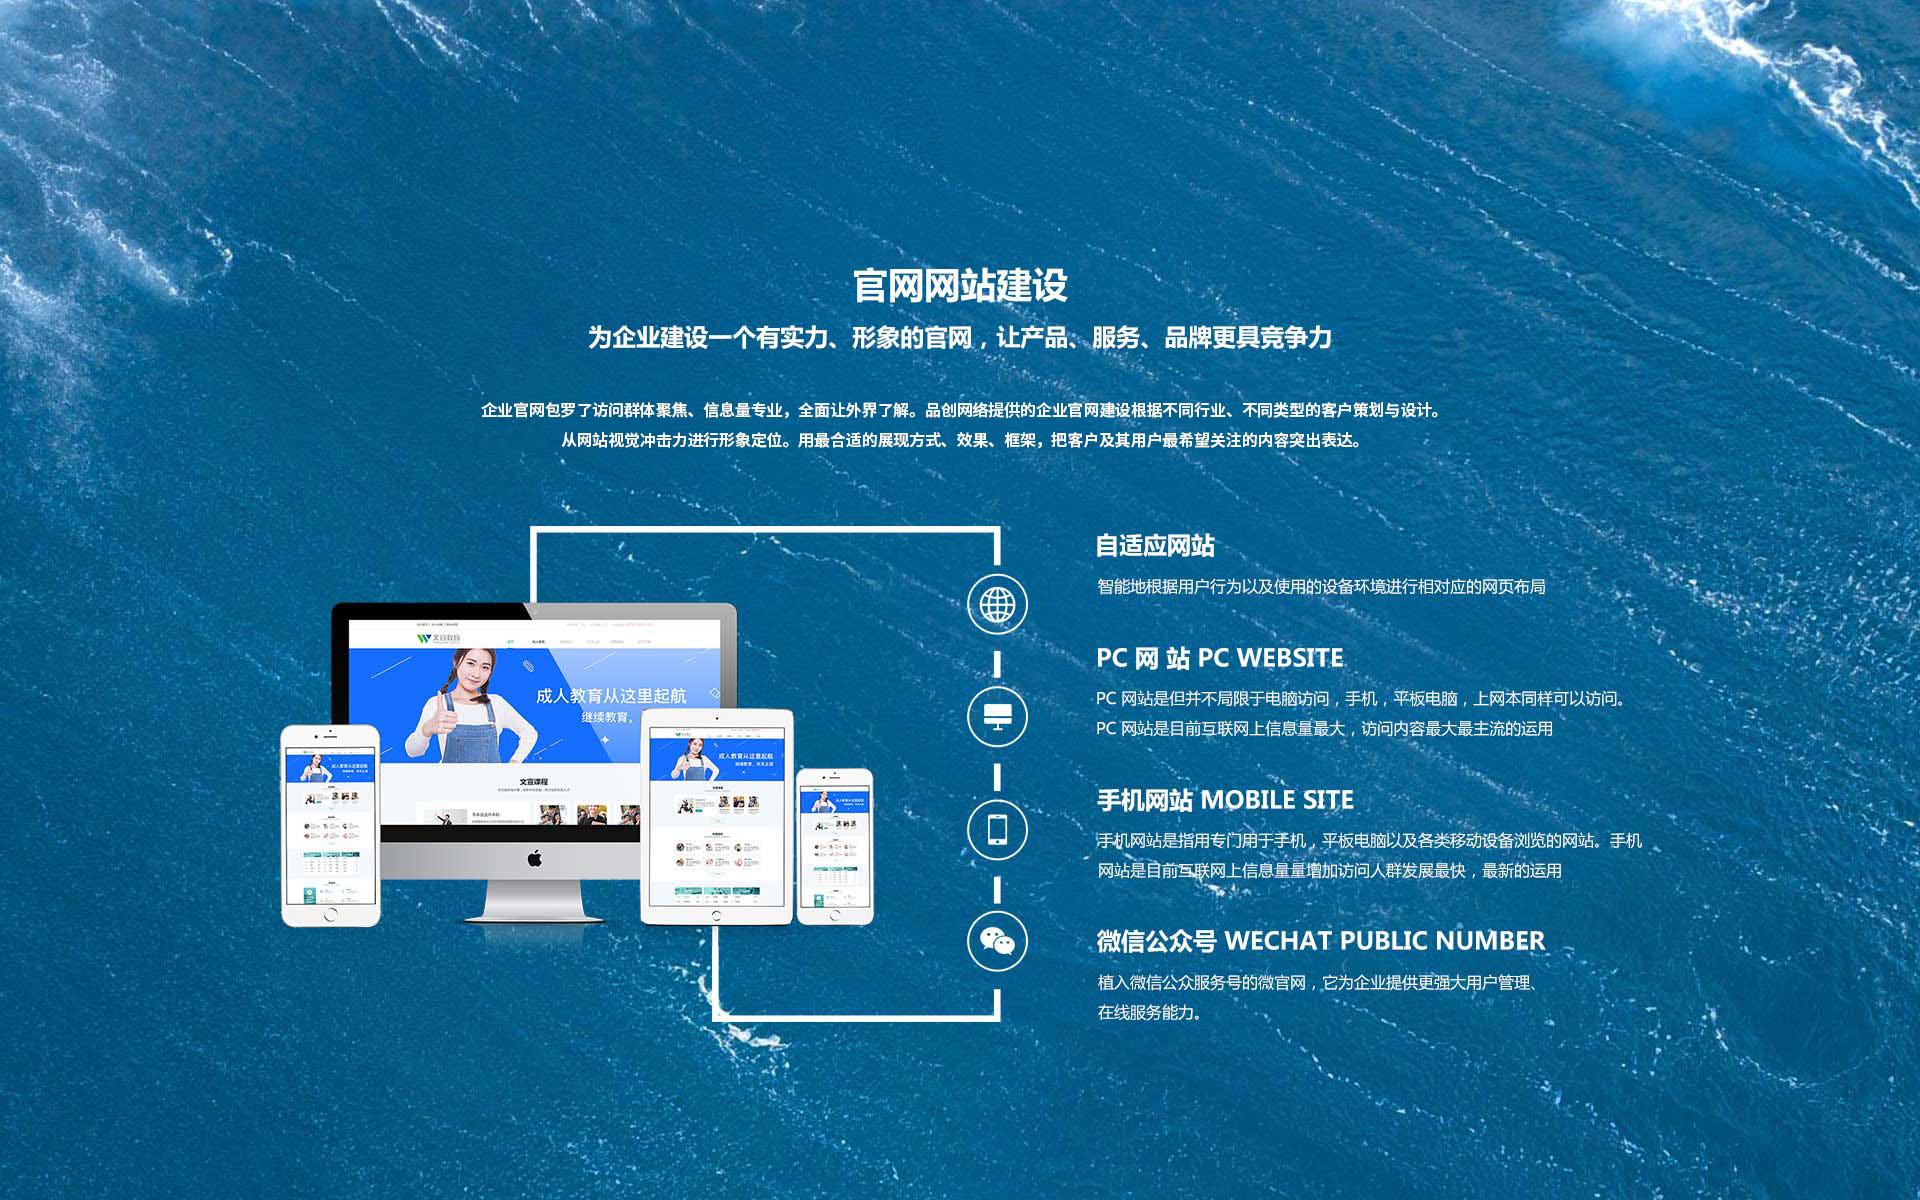 官网网站建设